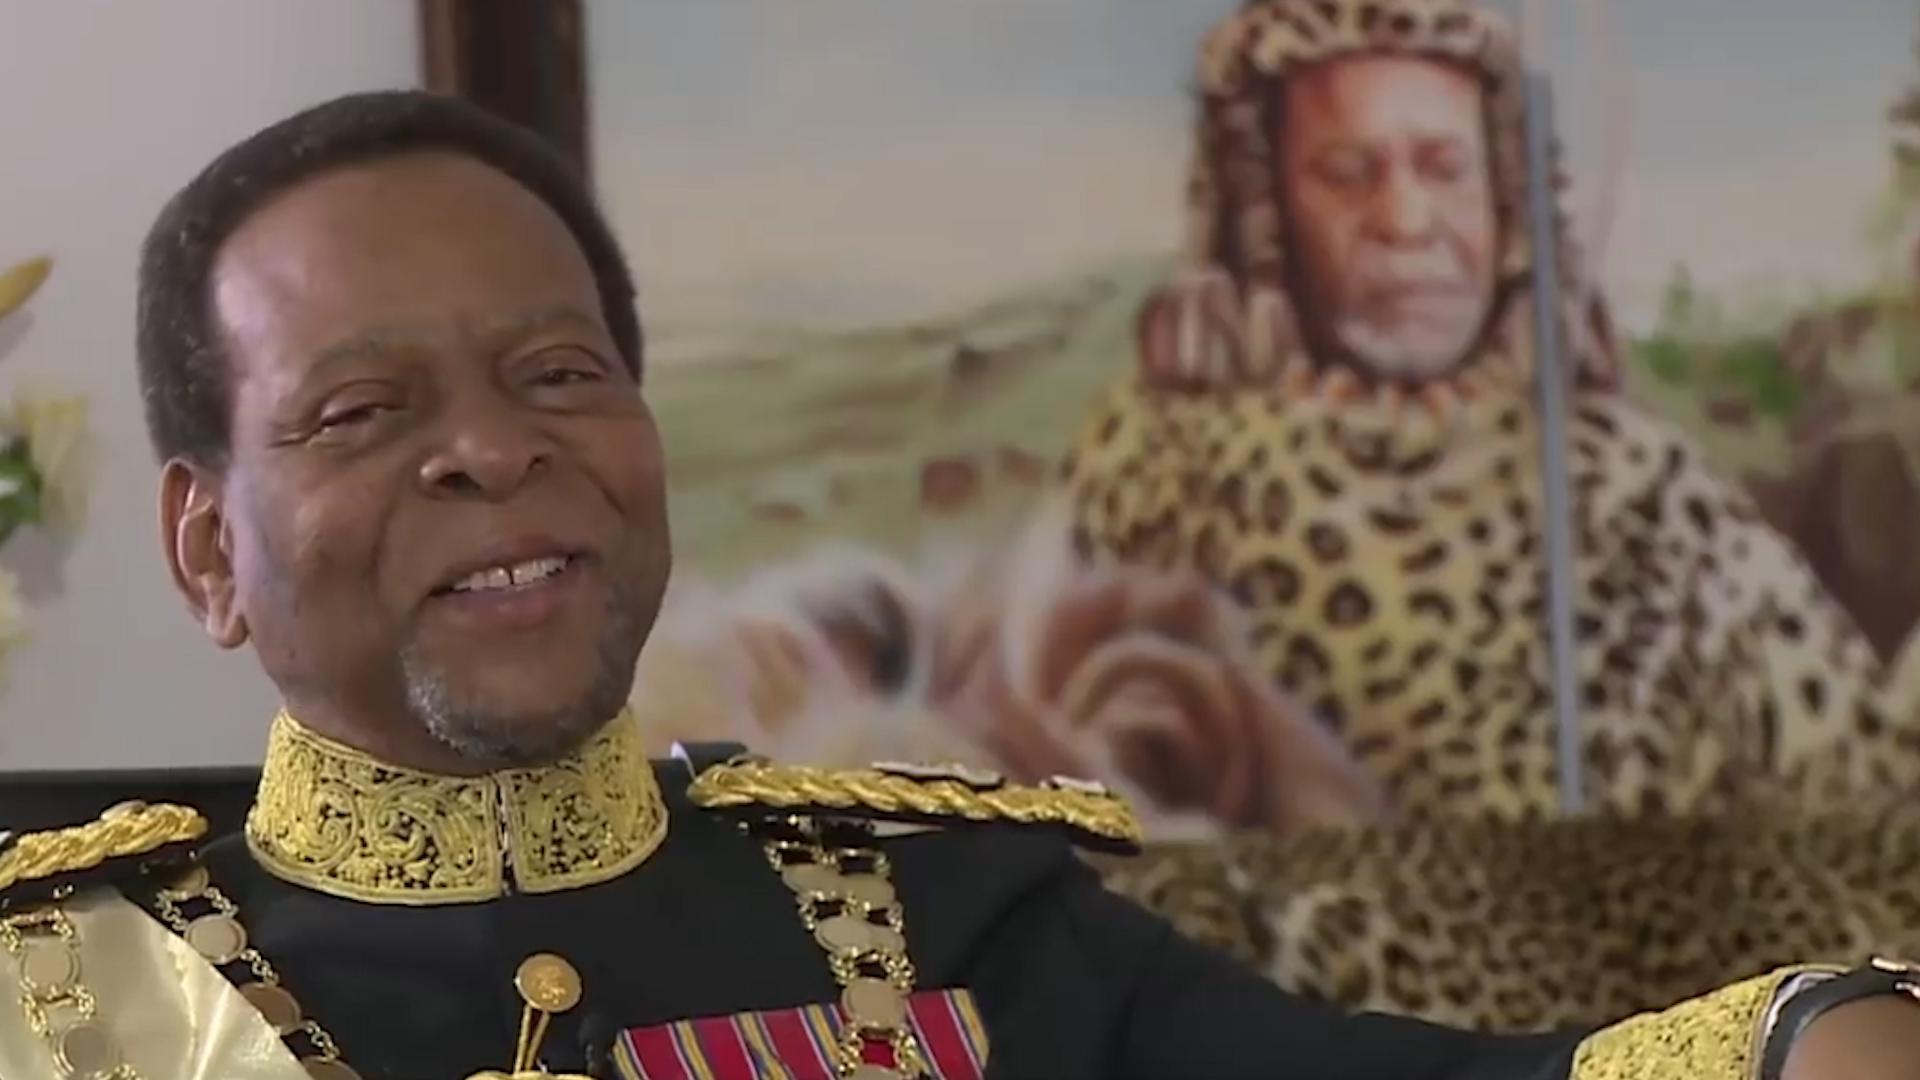 非洲最勤勉的国王,为国家发展不惜出国打工,挣钱补贴国库!